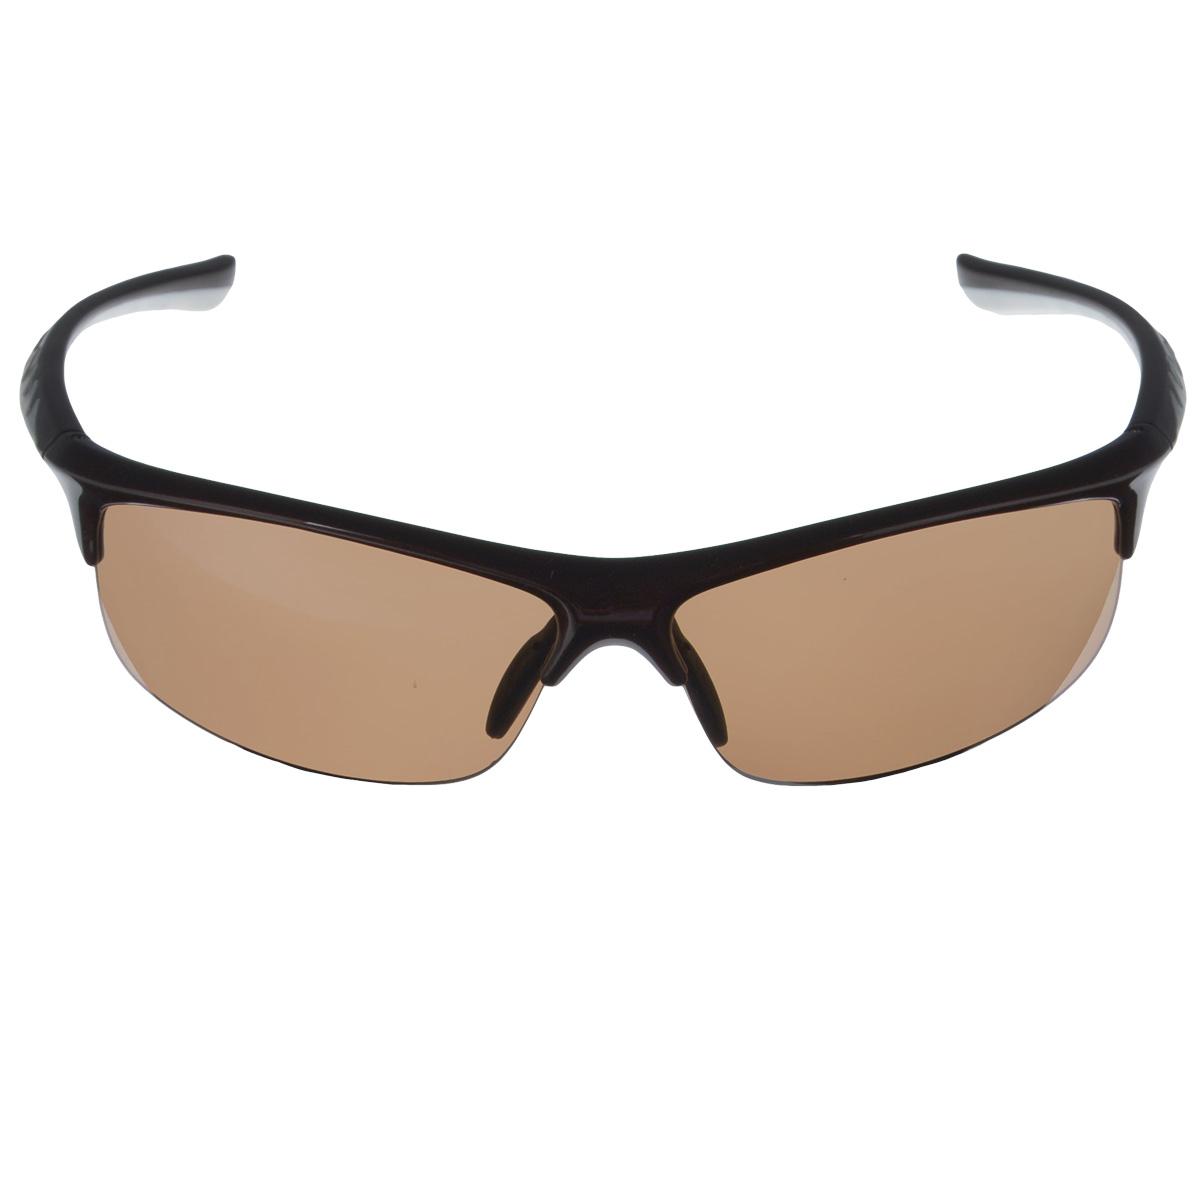 SP Glasses AS021 Premium, Chocolate White водительские очки темныеAS021SP Glasses AS021 Premium - релаксационные комбинированные очки для активного отдыха с коричневым светофильтром. Они рекомендуются для использования в дневное время и ясную погоду для защиты глаз от яркого солнца. Отлично блокируют ультрафиолетовые лучи (UV 400). Наносники: нерегулируемые